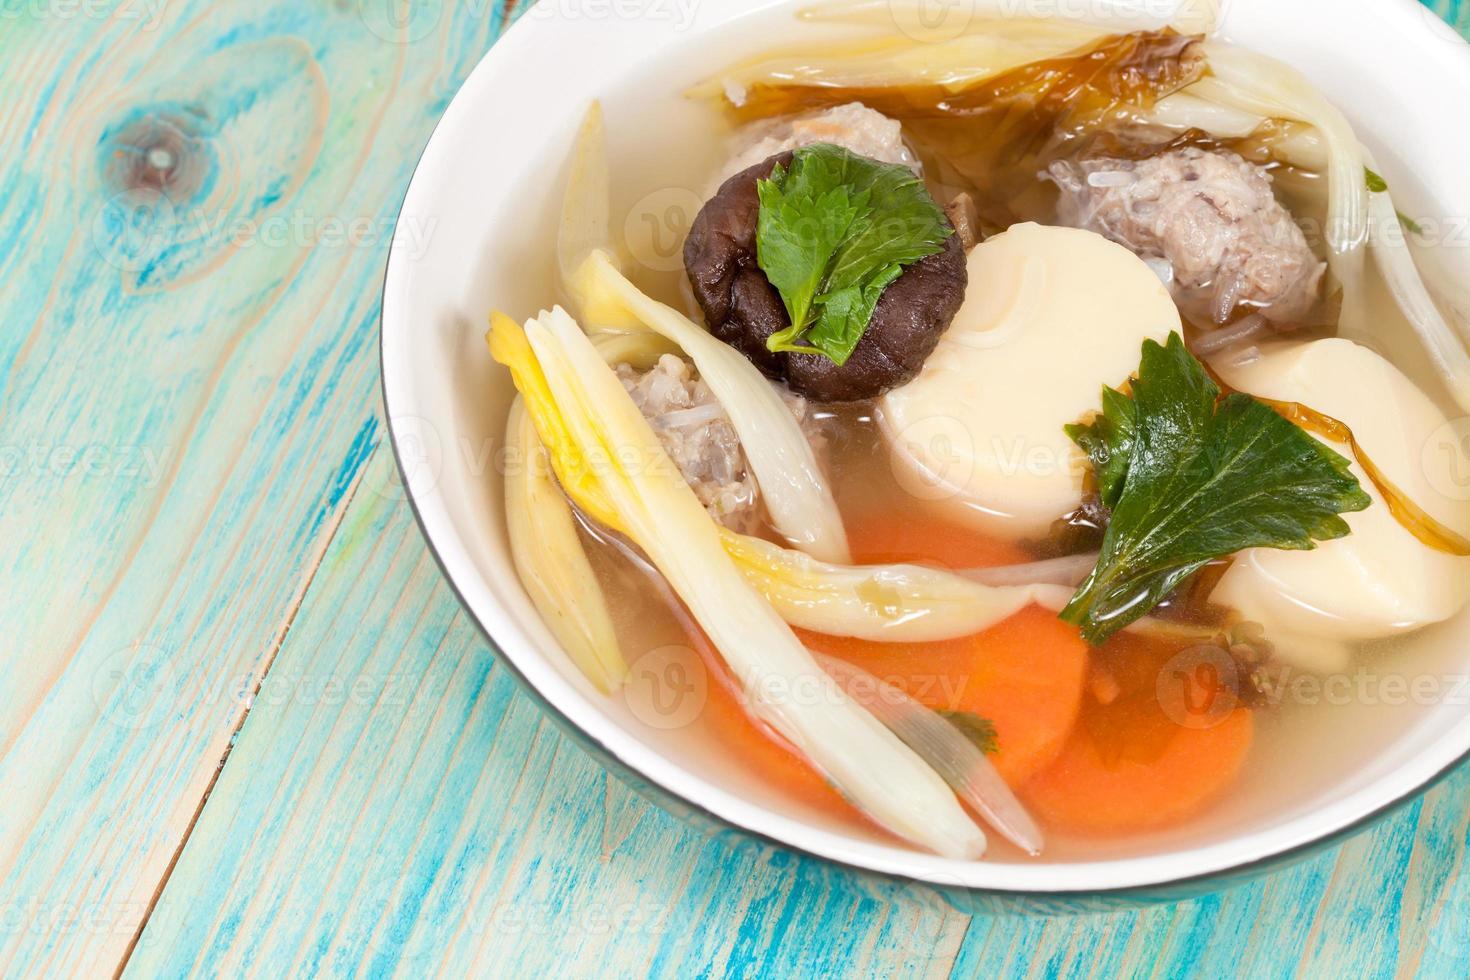 sopa levemente temperada que consiste em carne de porco, tofu, foto